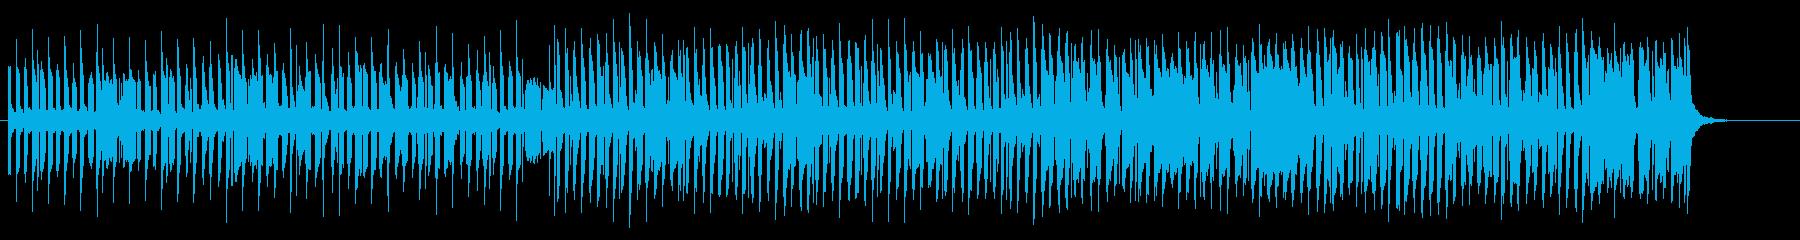 ほのぼのしたカフェミュージックの再生済みの波形